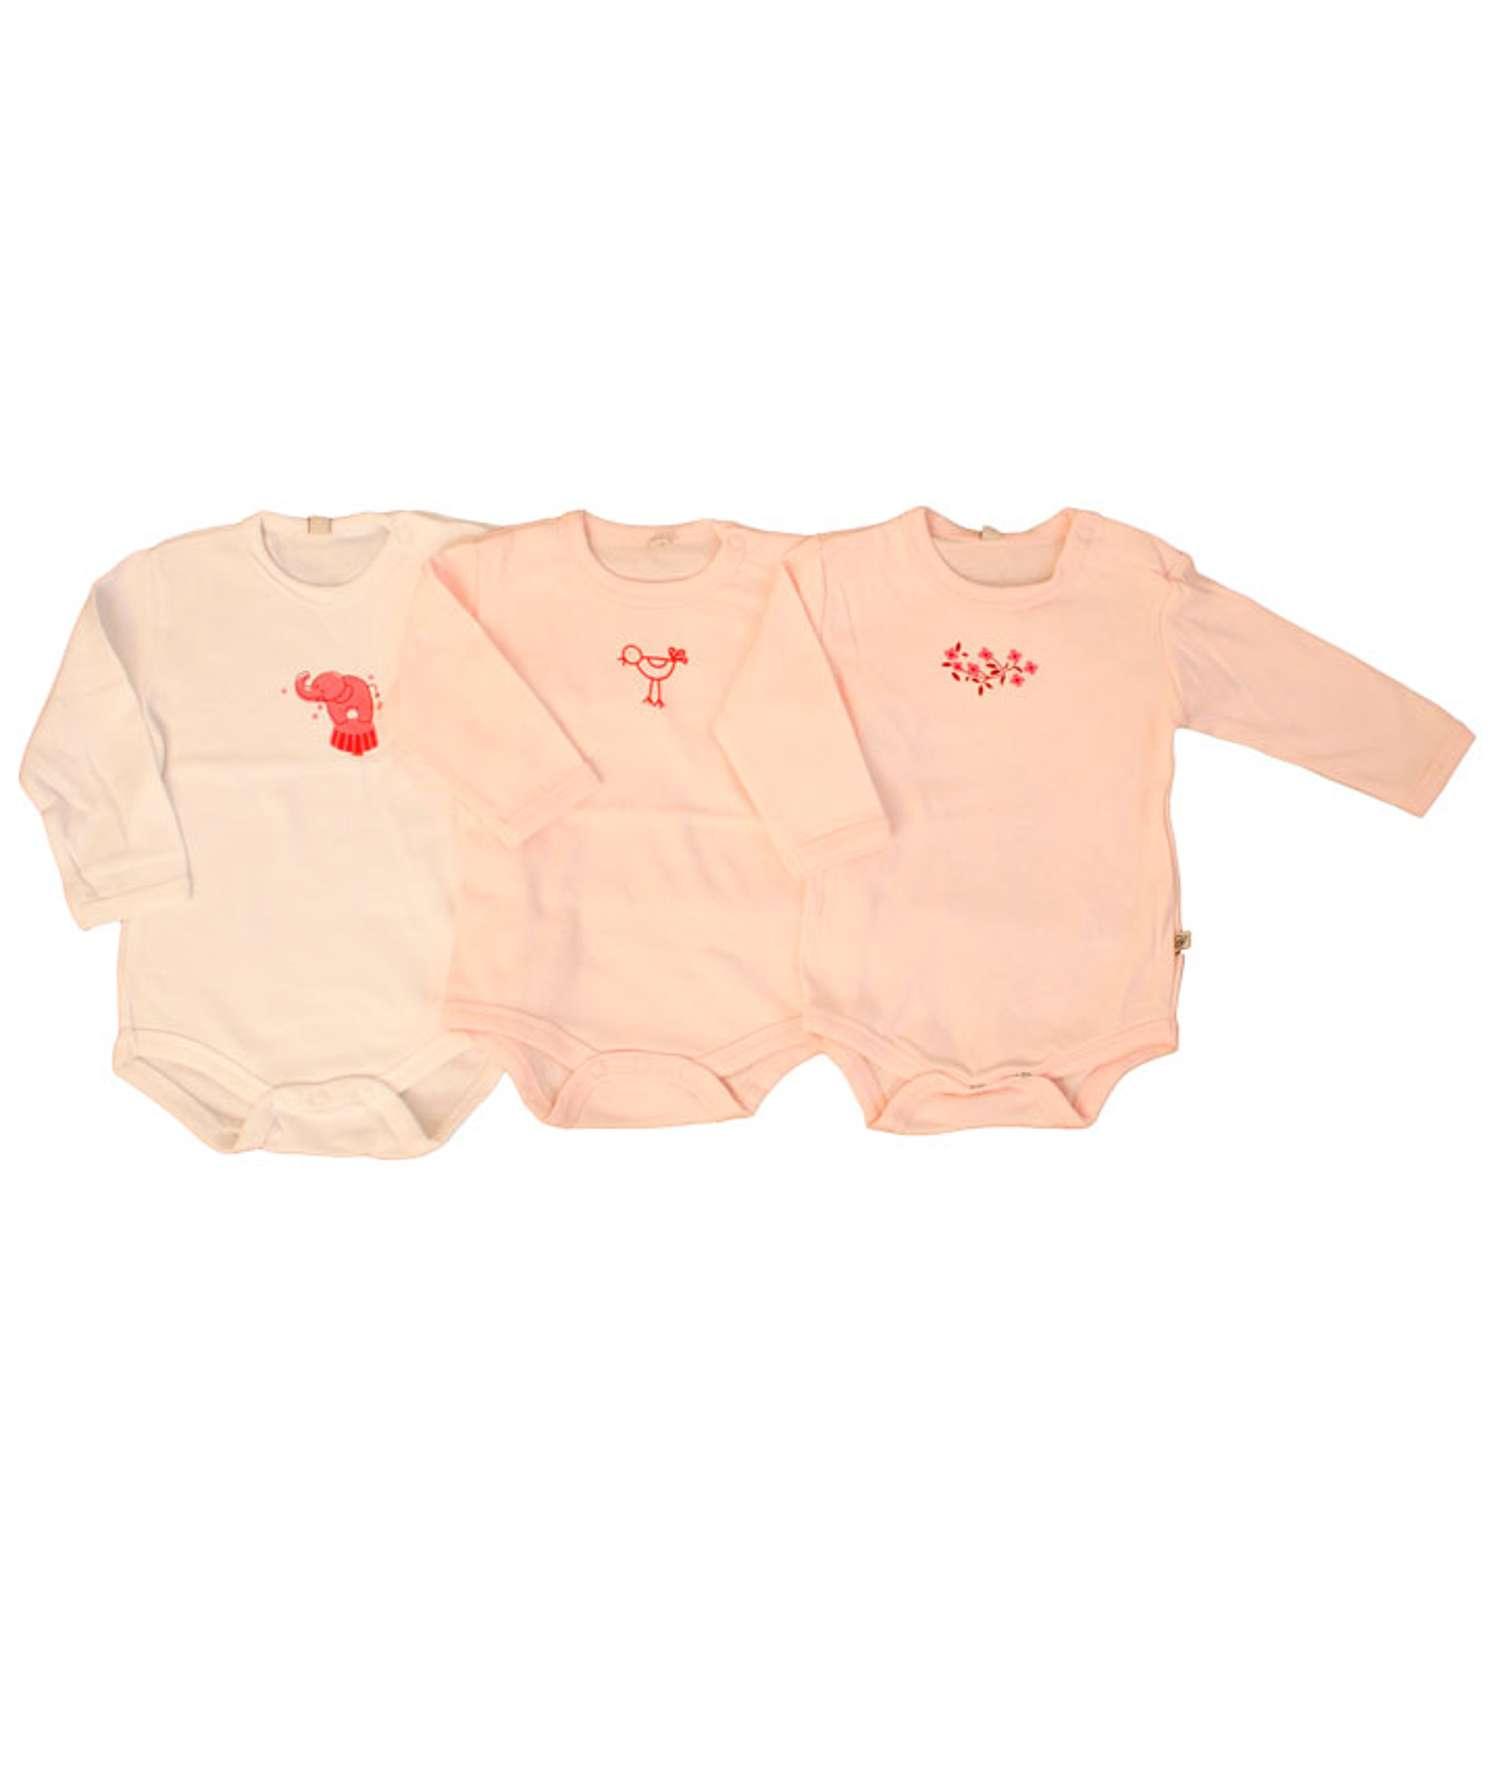 Pippi - Body langærmet - Rosa - Størrelse 56